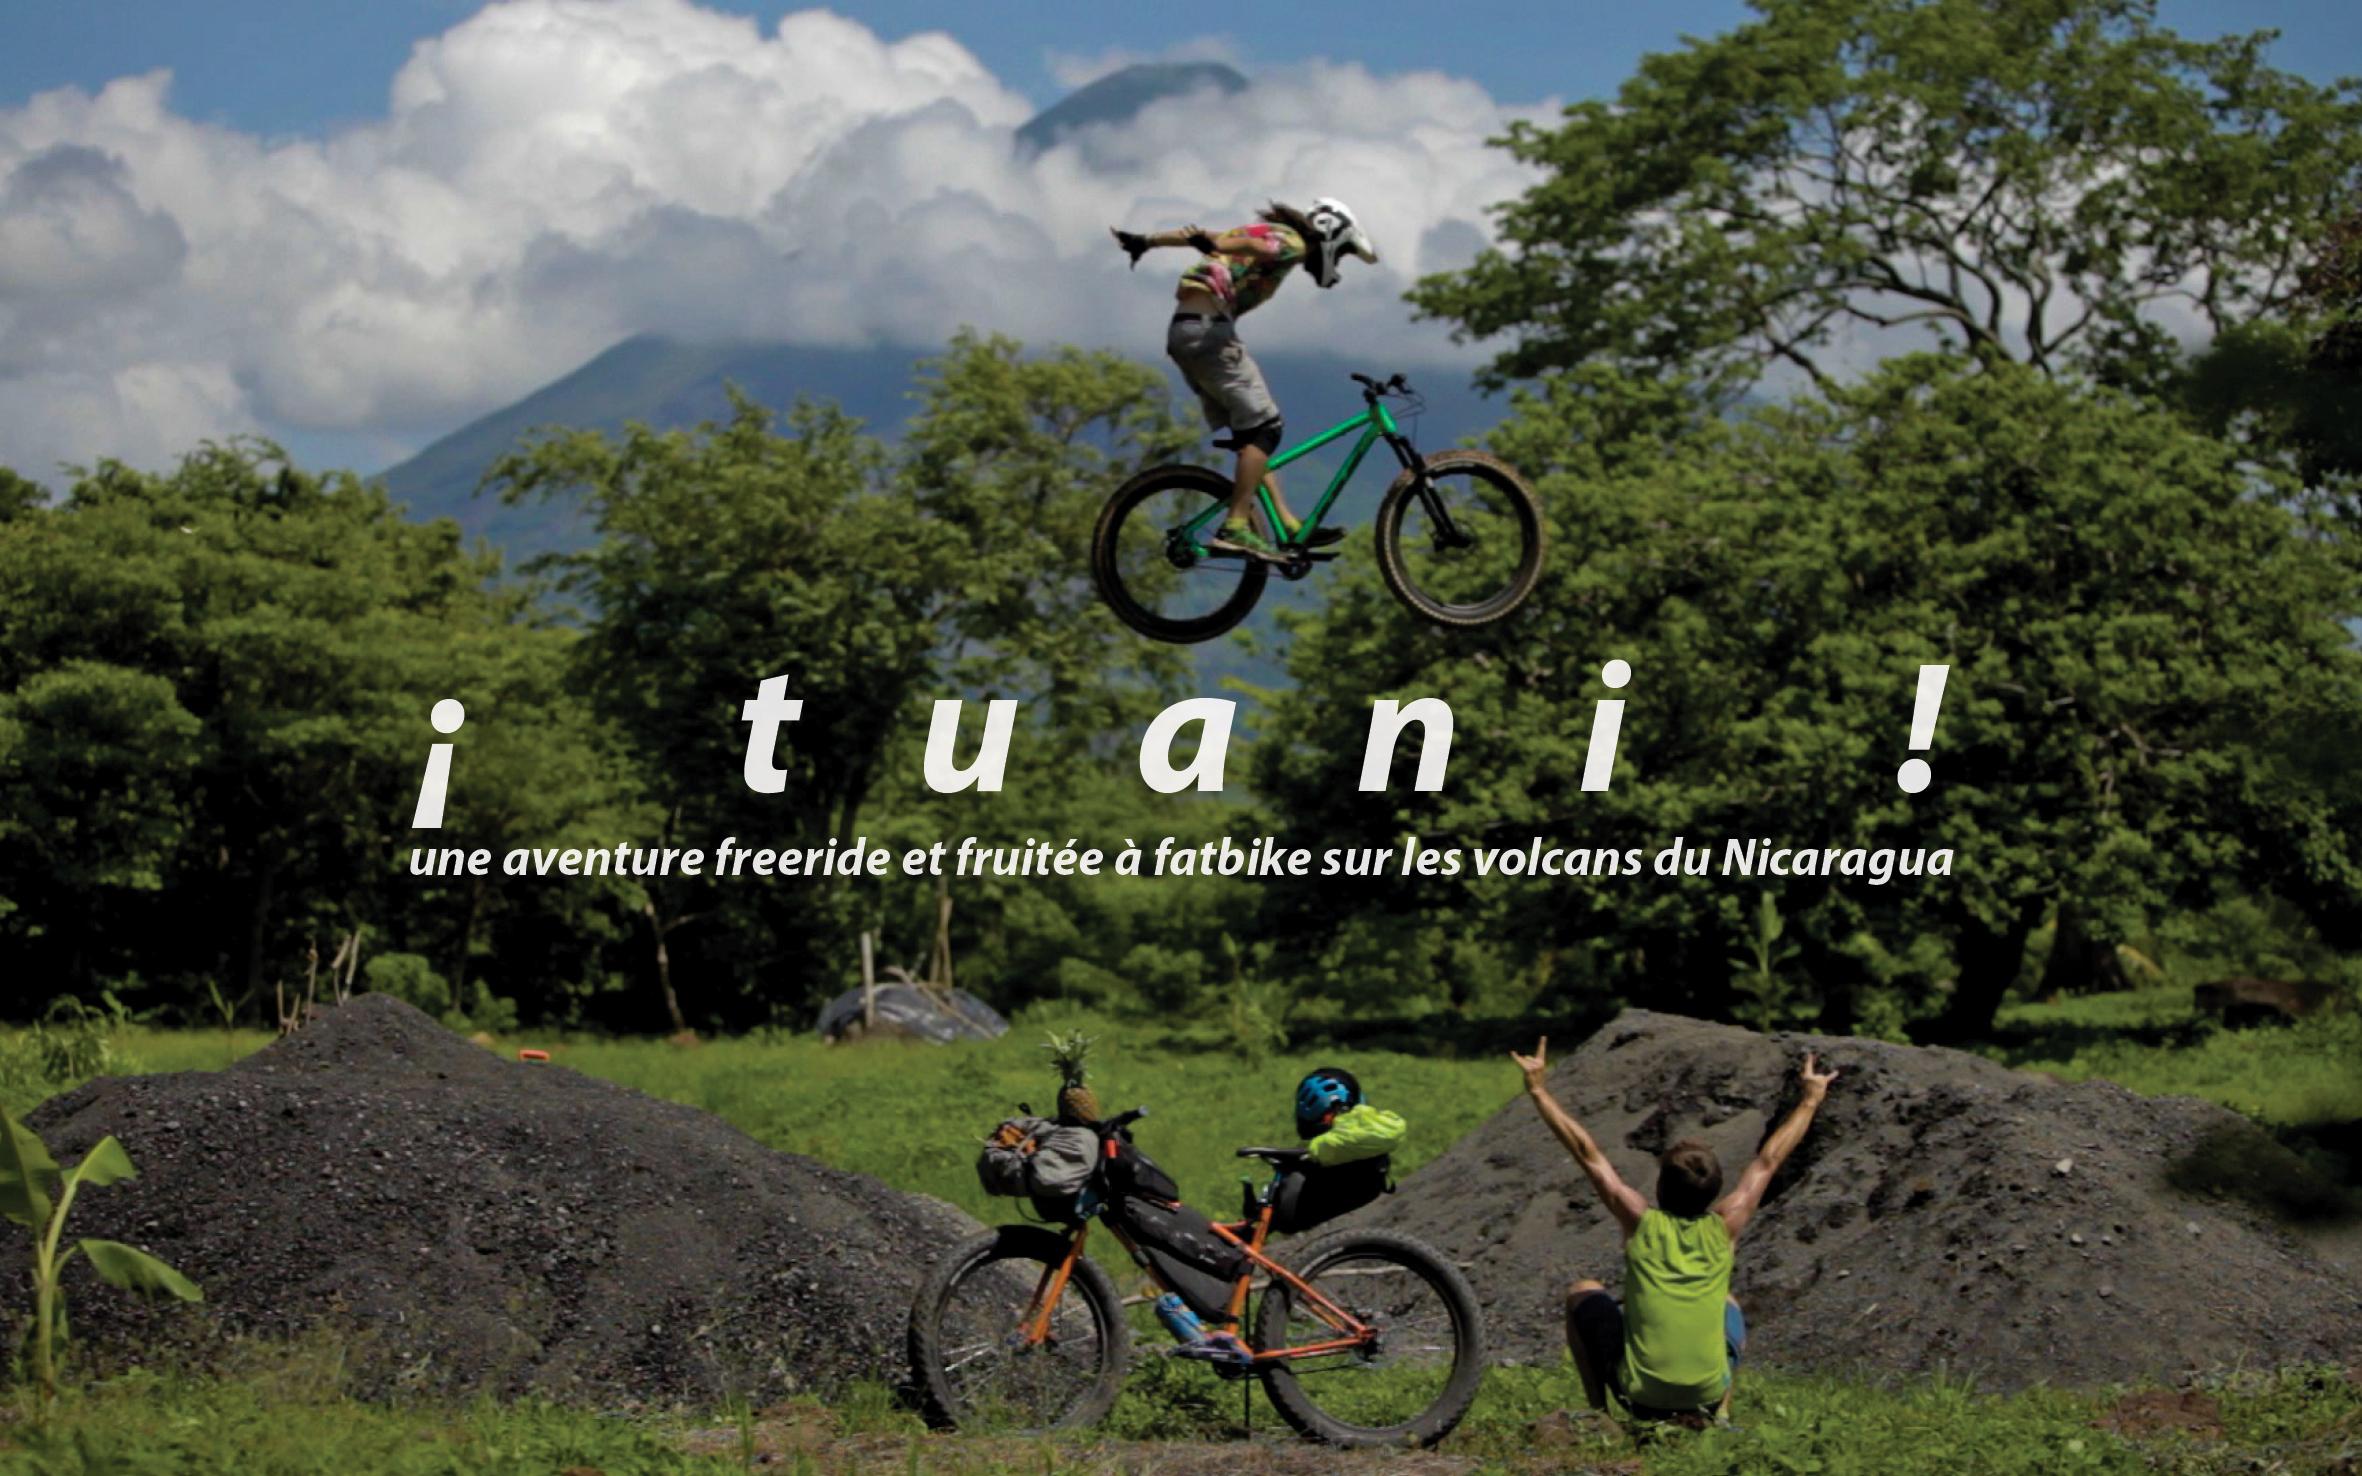 Tuani-visuel-1465995326.jpg